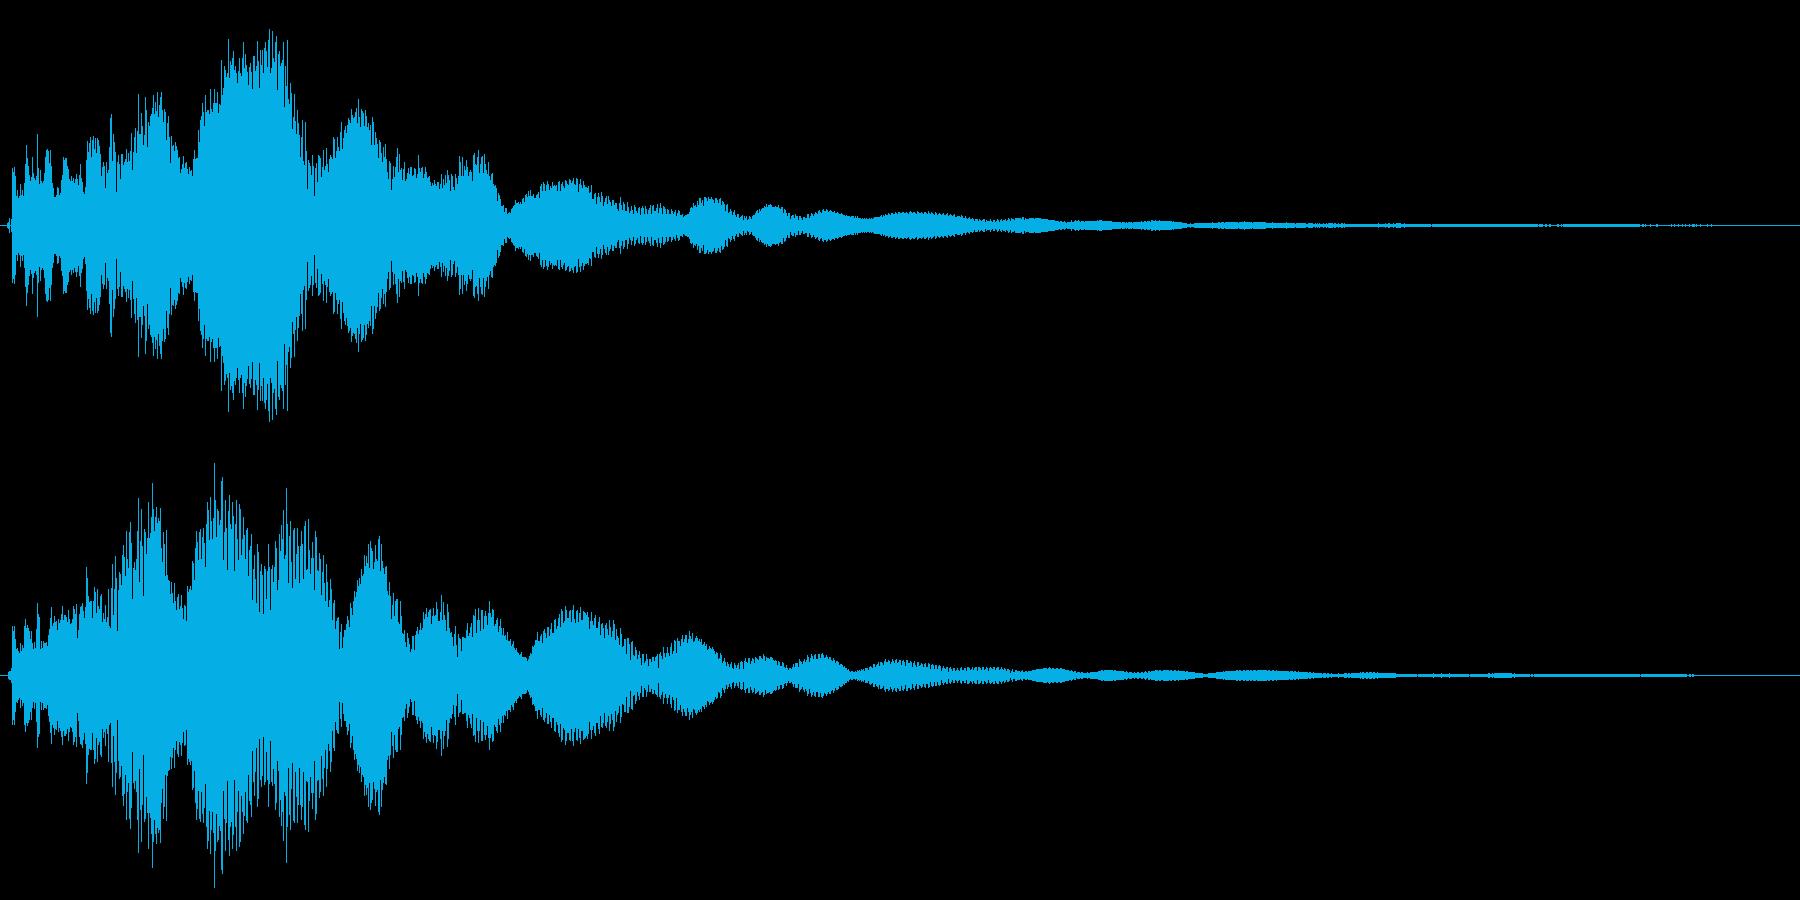 カコーン(水の波紋が広がるような決定音)の再生済みの波形